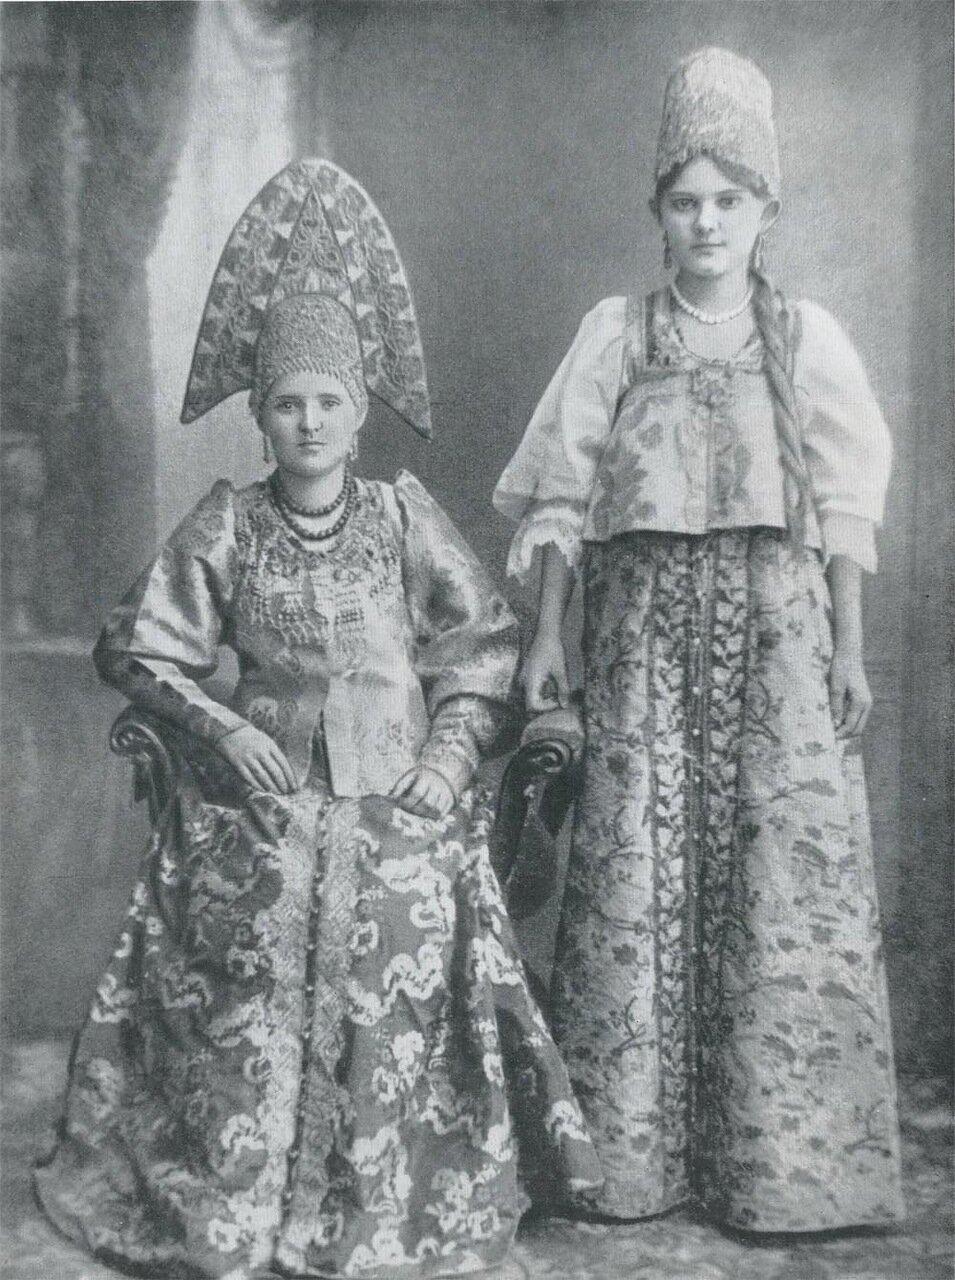 Женщины из семьи купца. Городец, Нижний Новгород. Конец XIX века